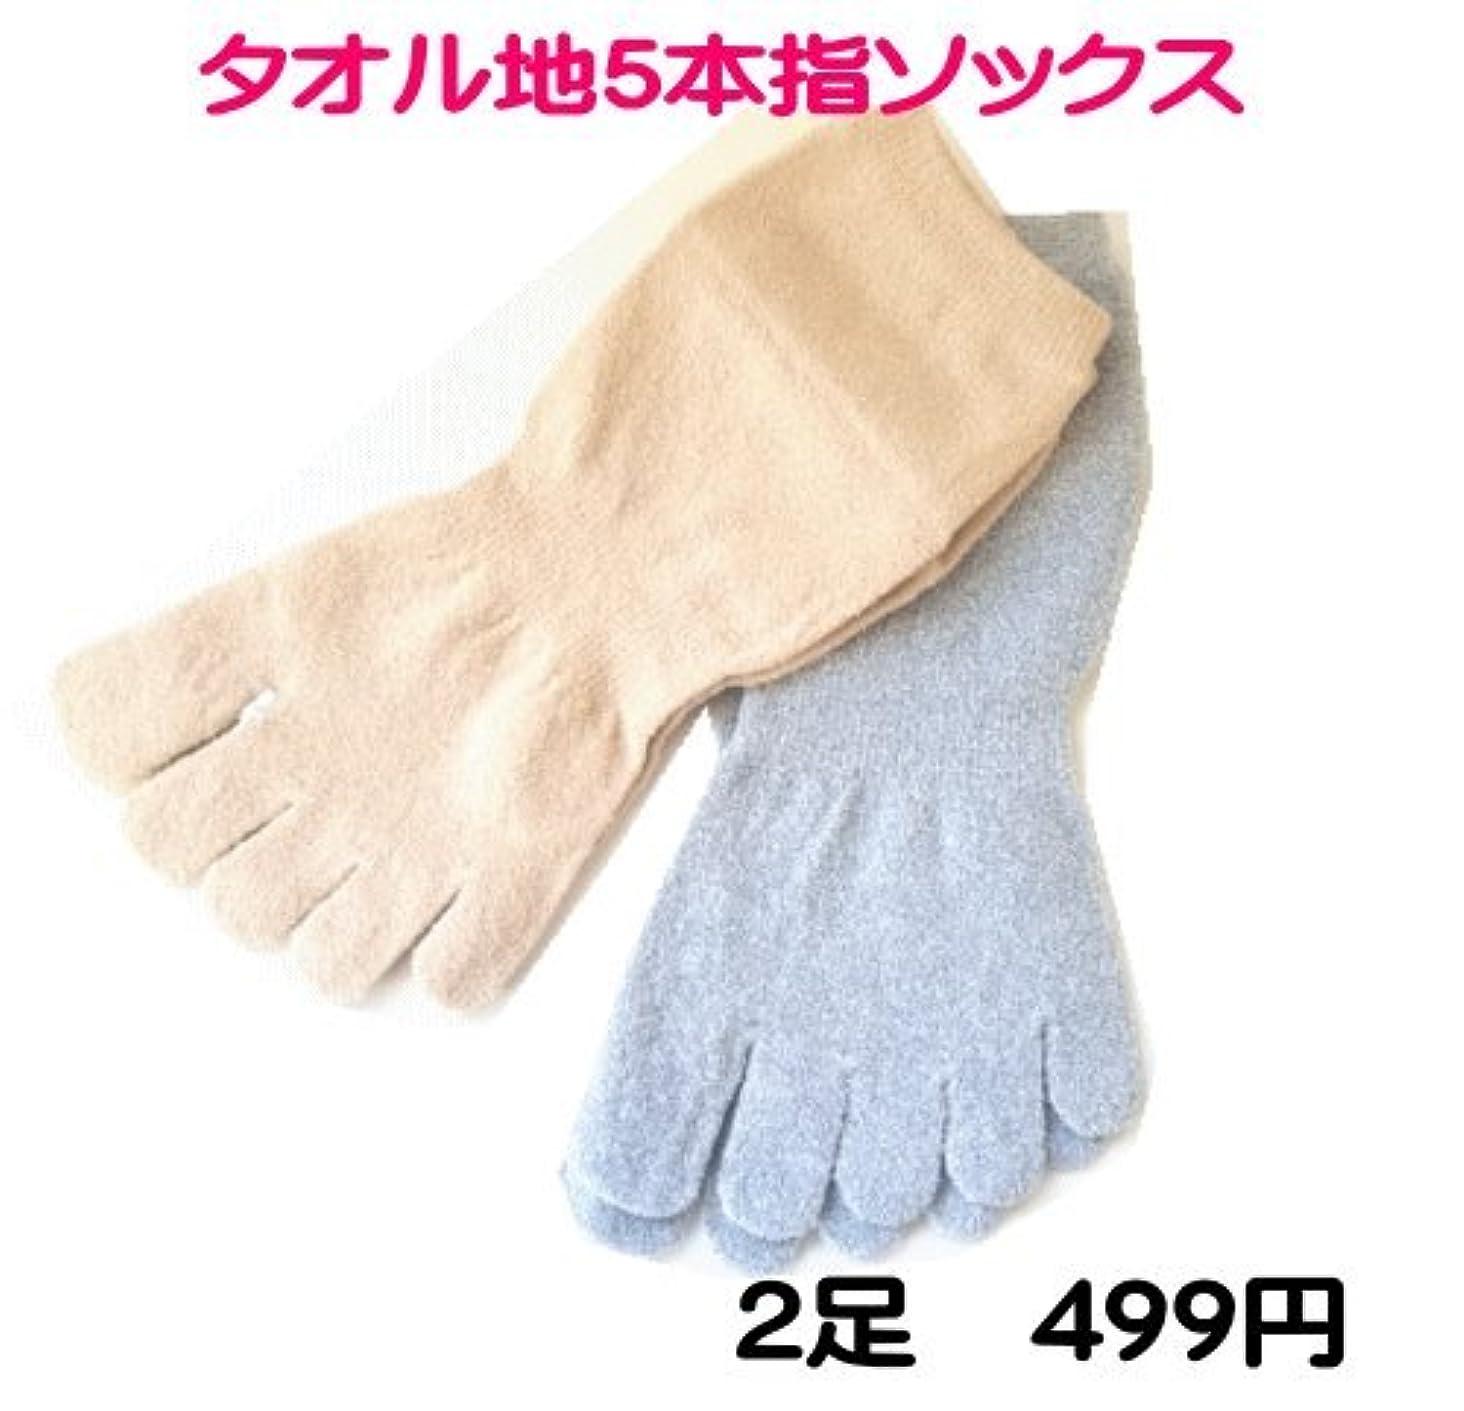 物理的に趣味なめらか在庫一掃 タオルのような肌触り 5本指 ソックス ショート丈 2足組 太陽ニット